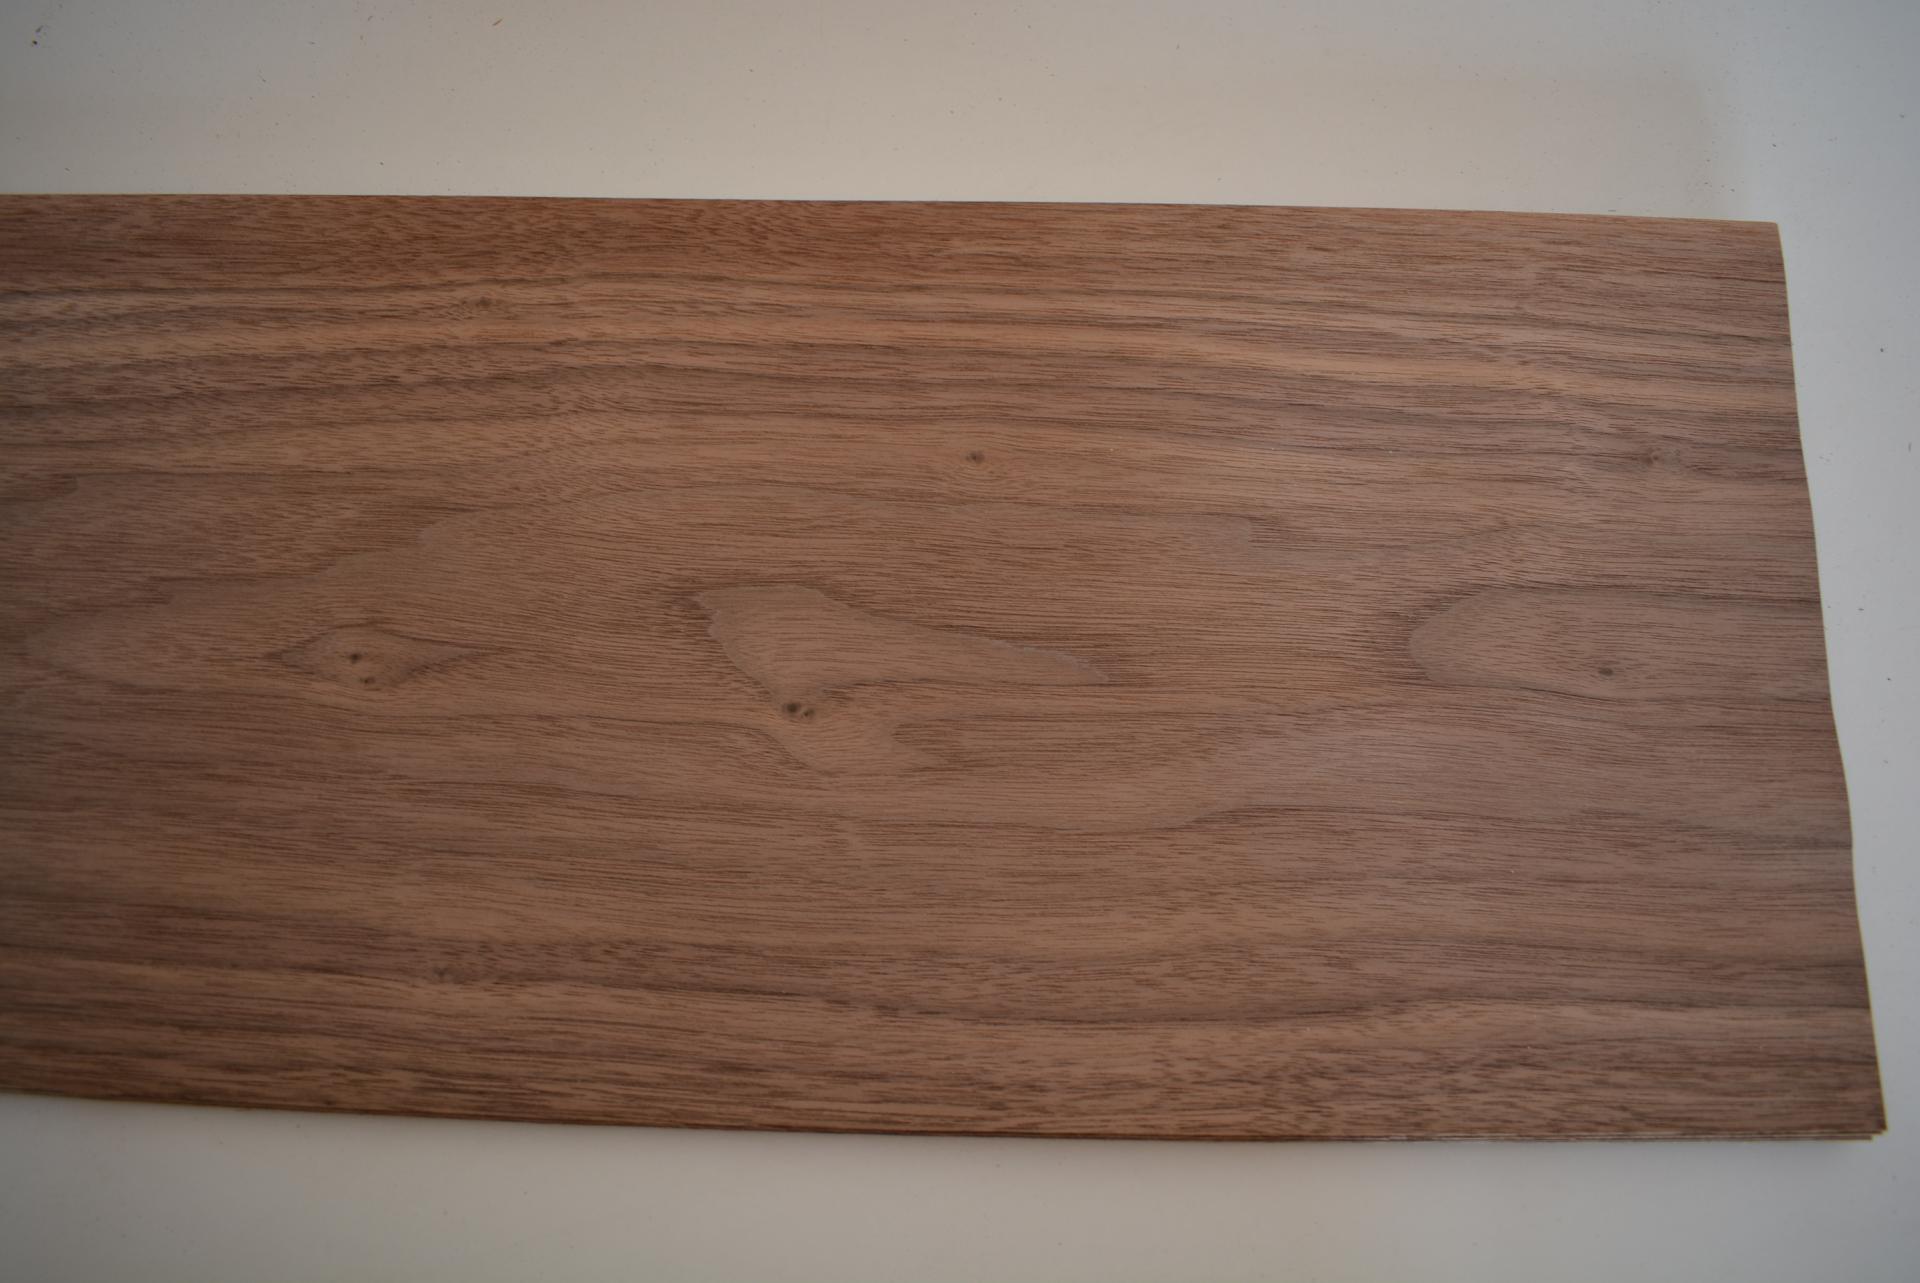 273 feuille de bois noyer pour marqueterie placage bois 1